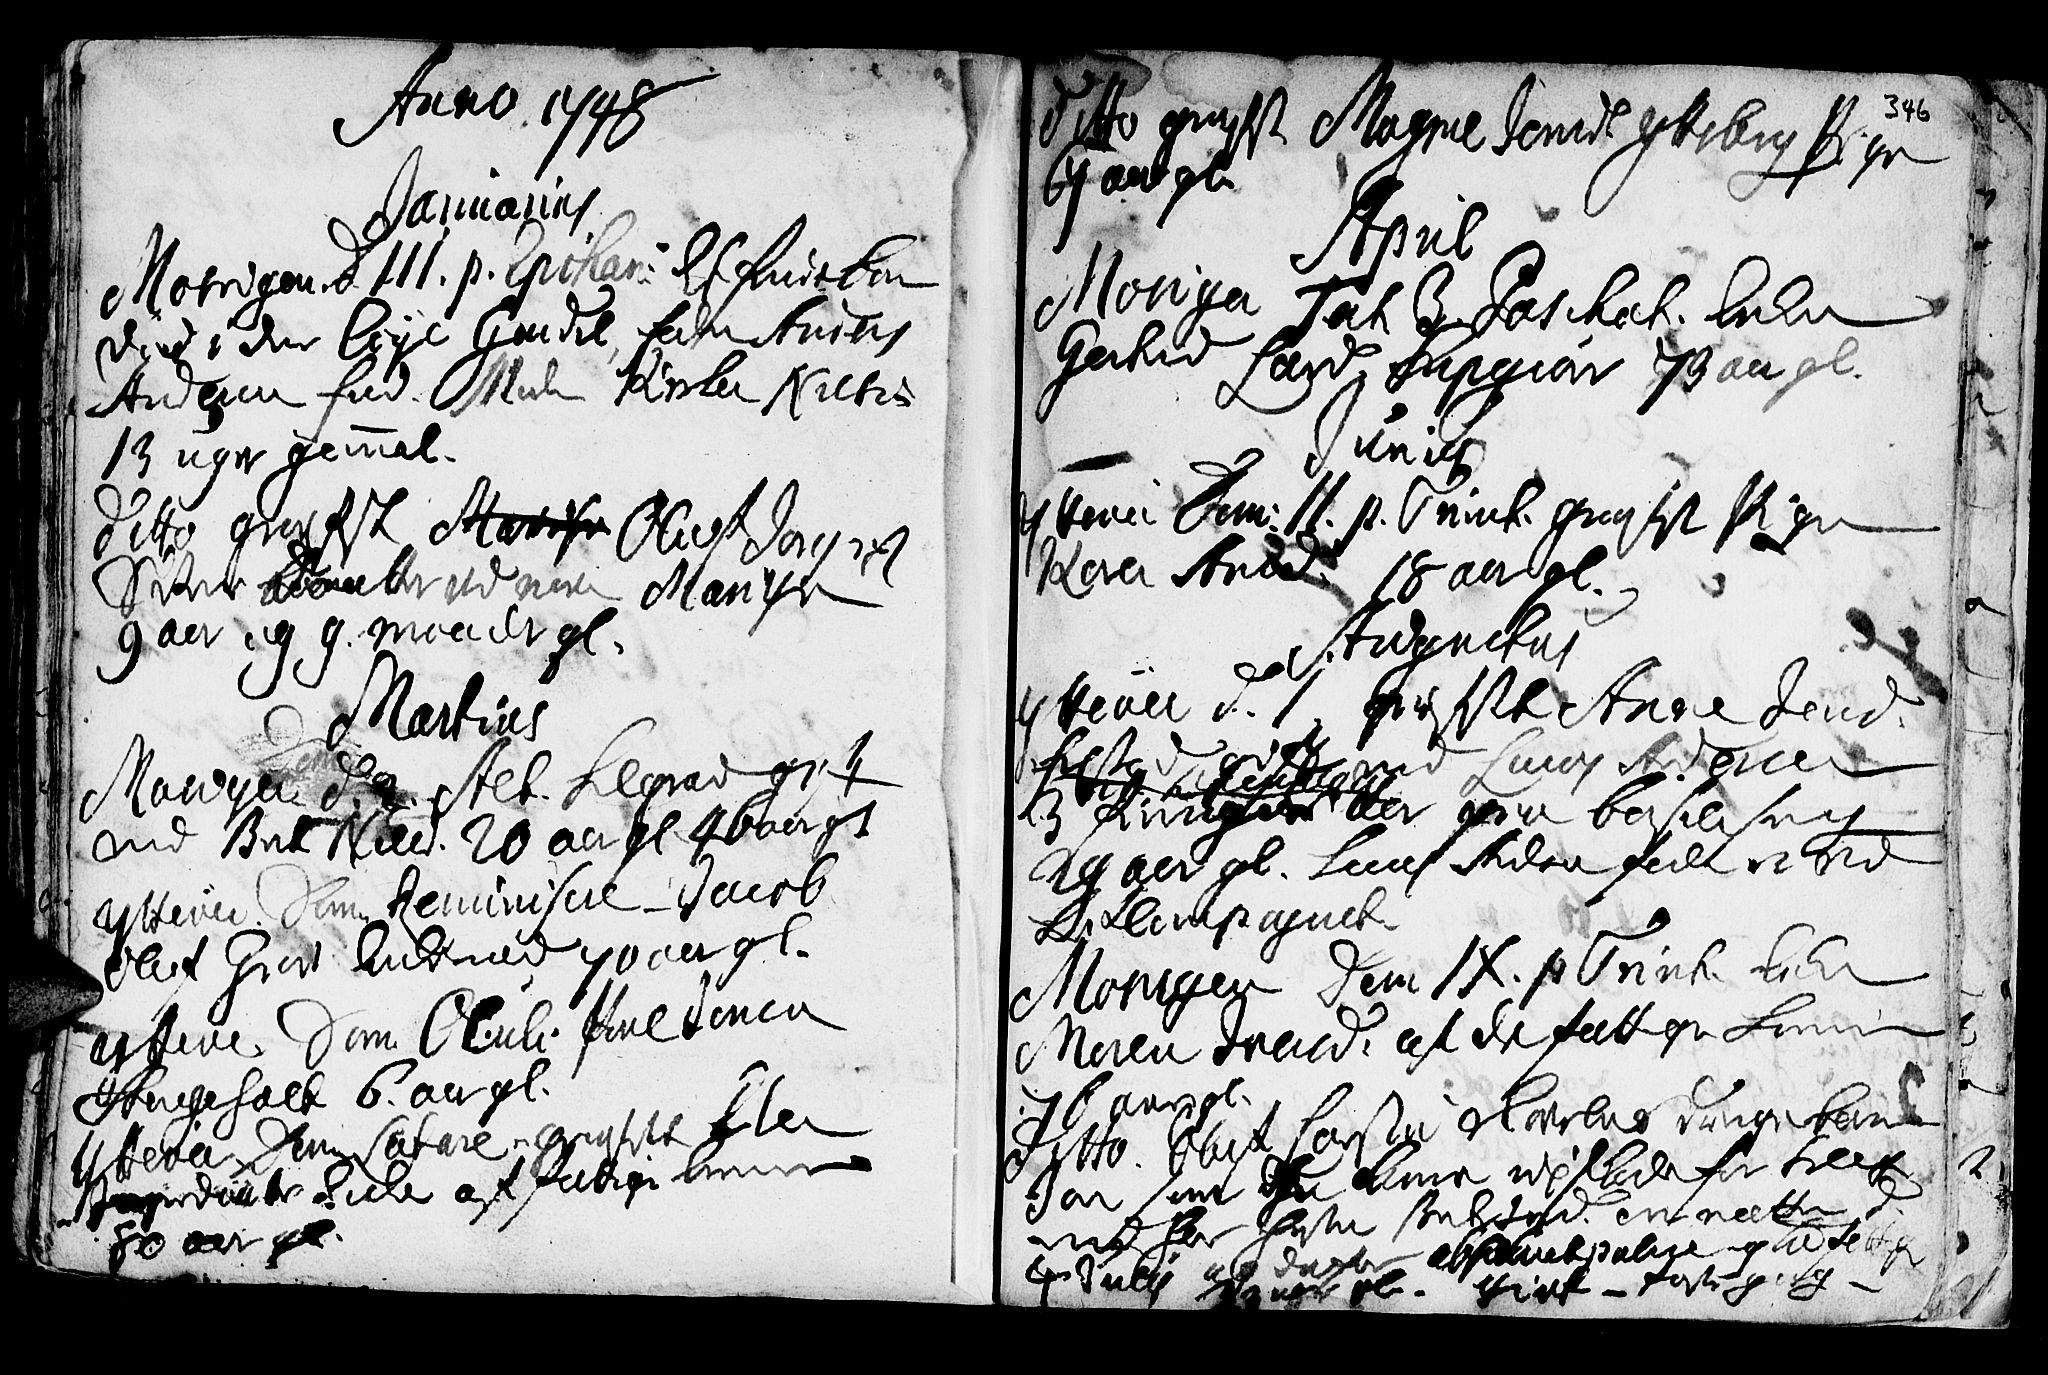 SAT, Ministerialprotokoller, klokkerbøker og fødselsregistre - Nord-Trøndelag, 722/L0215: Ministerialbok nr. 722A02, 1718-1755, s. 346